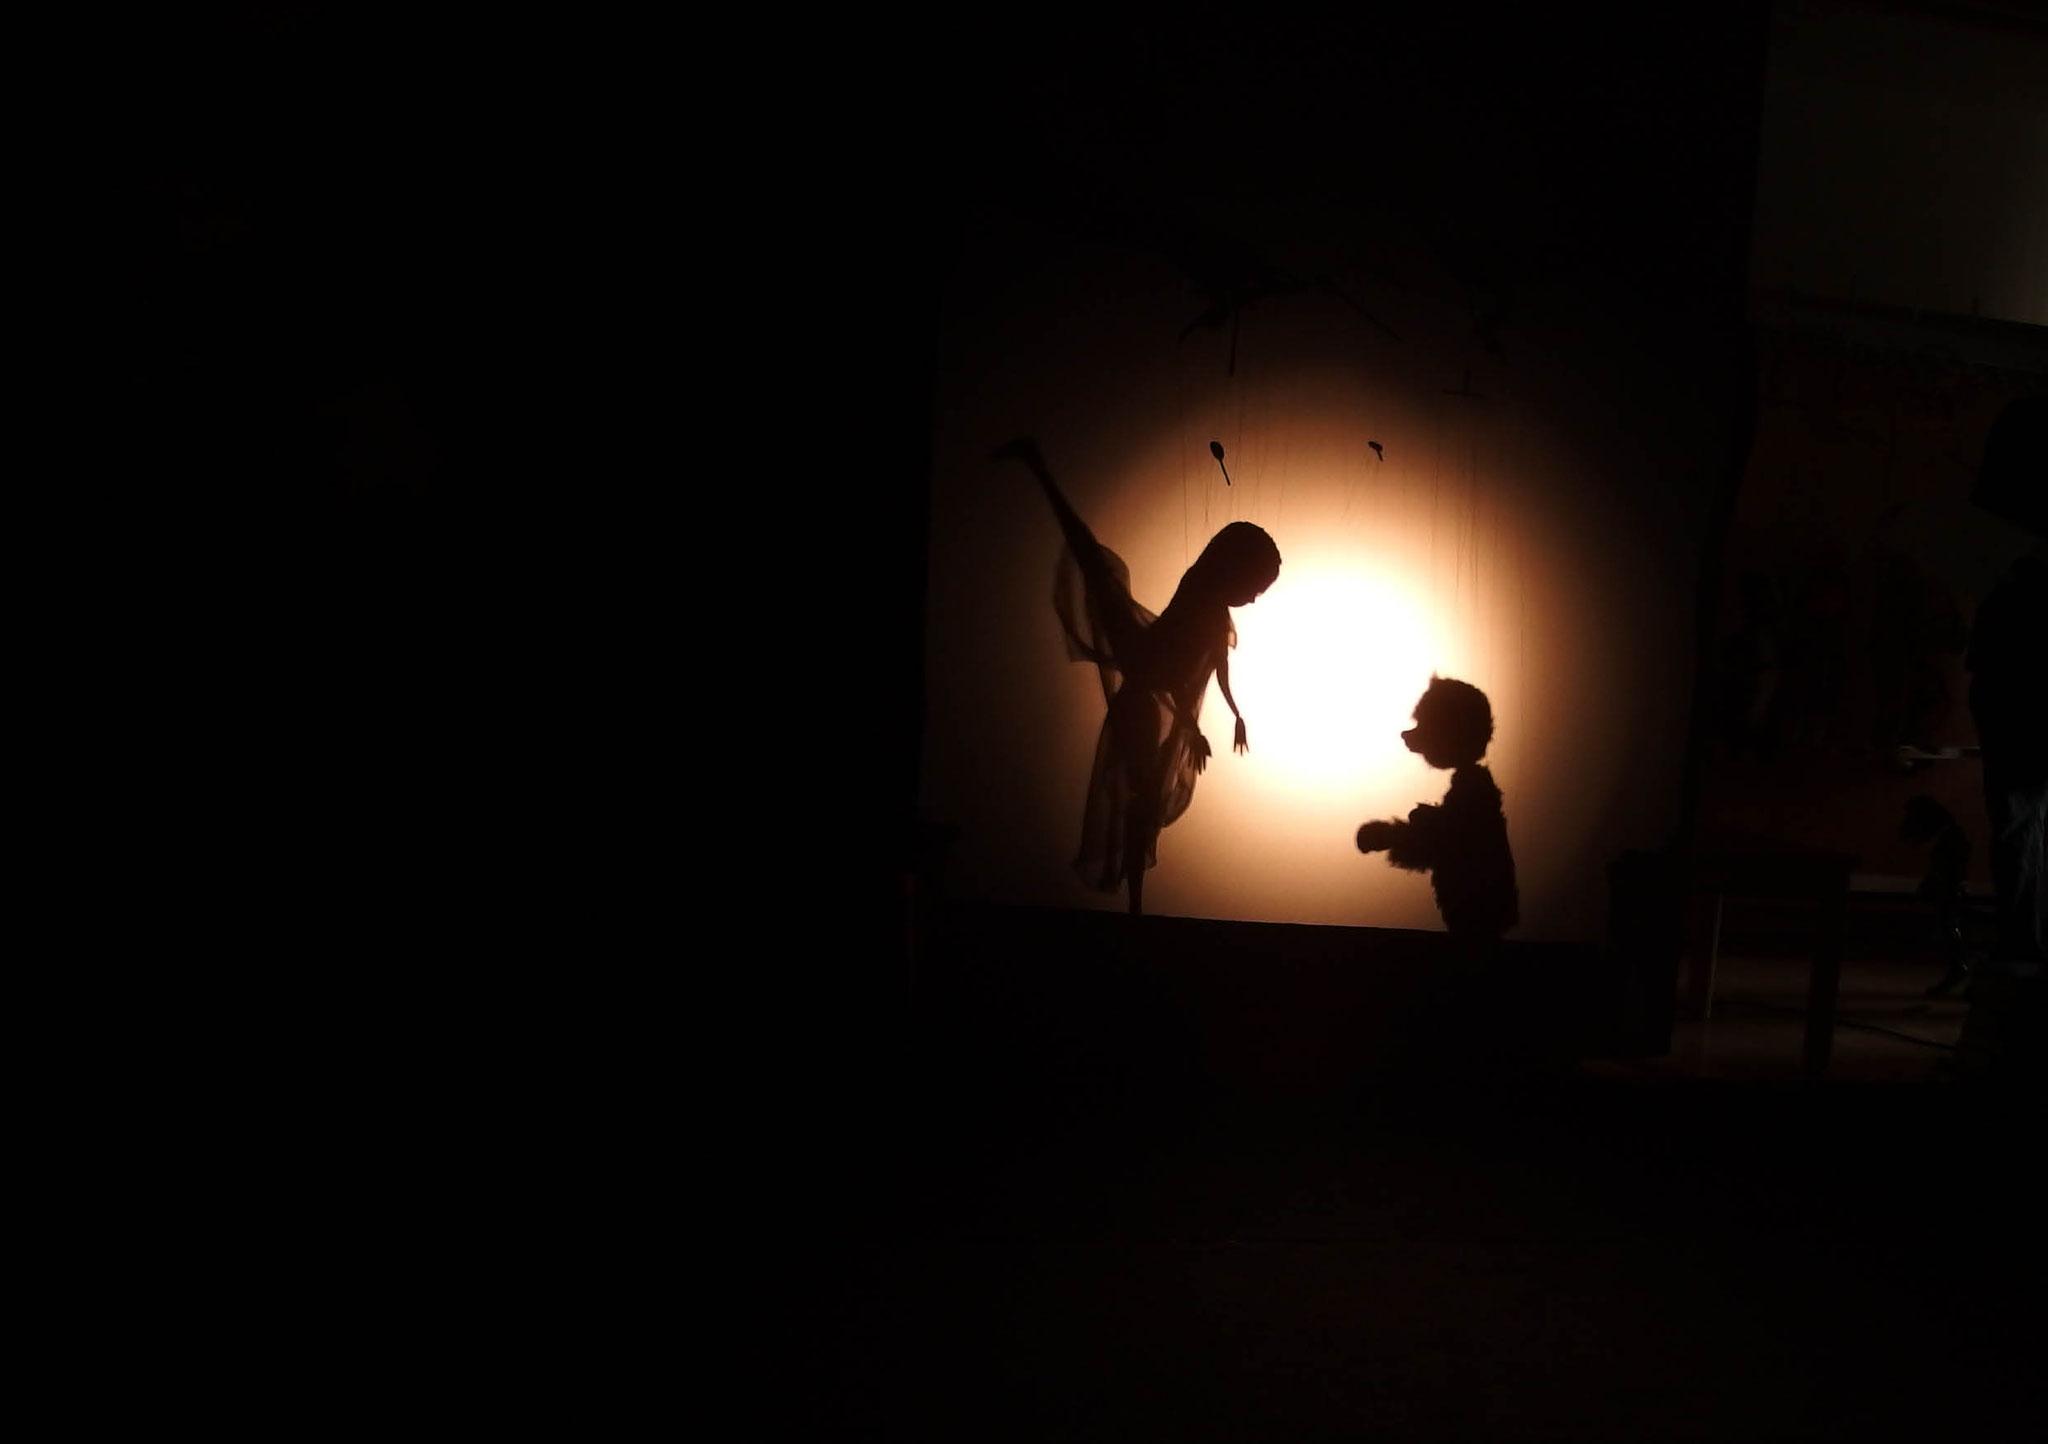 Träume: Taschenlampenführung im Gewölbekeller